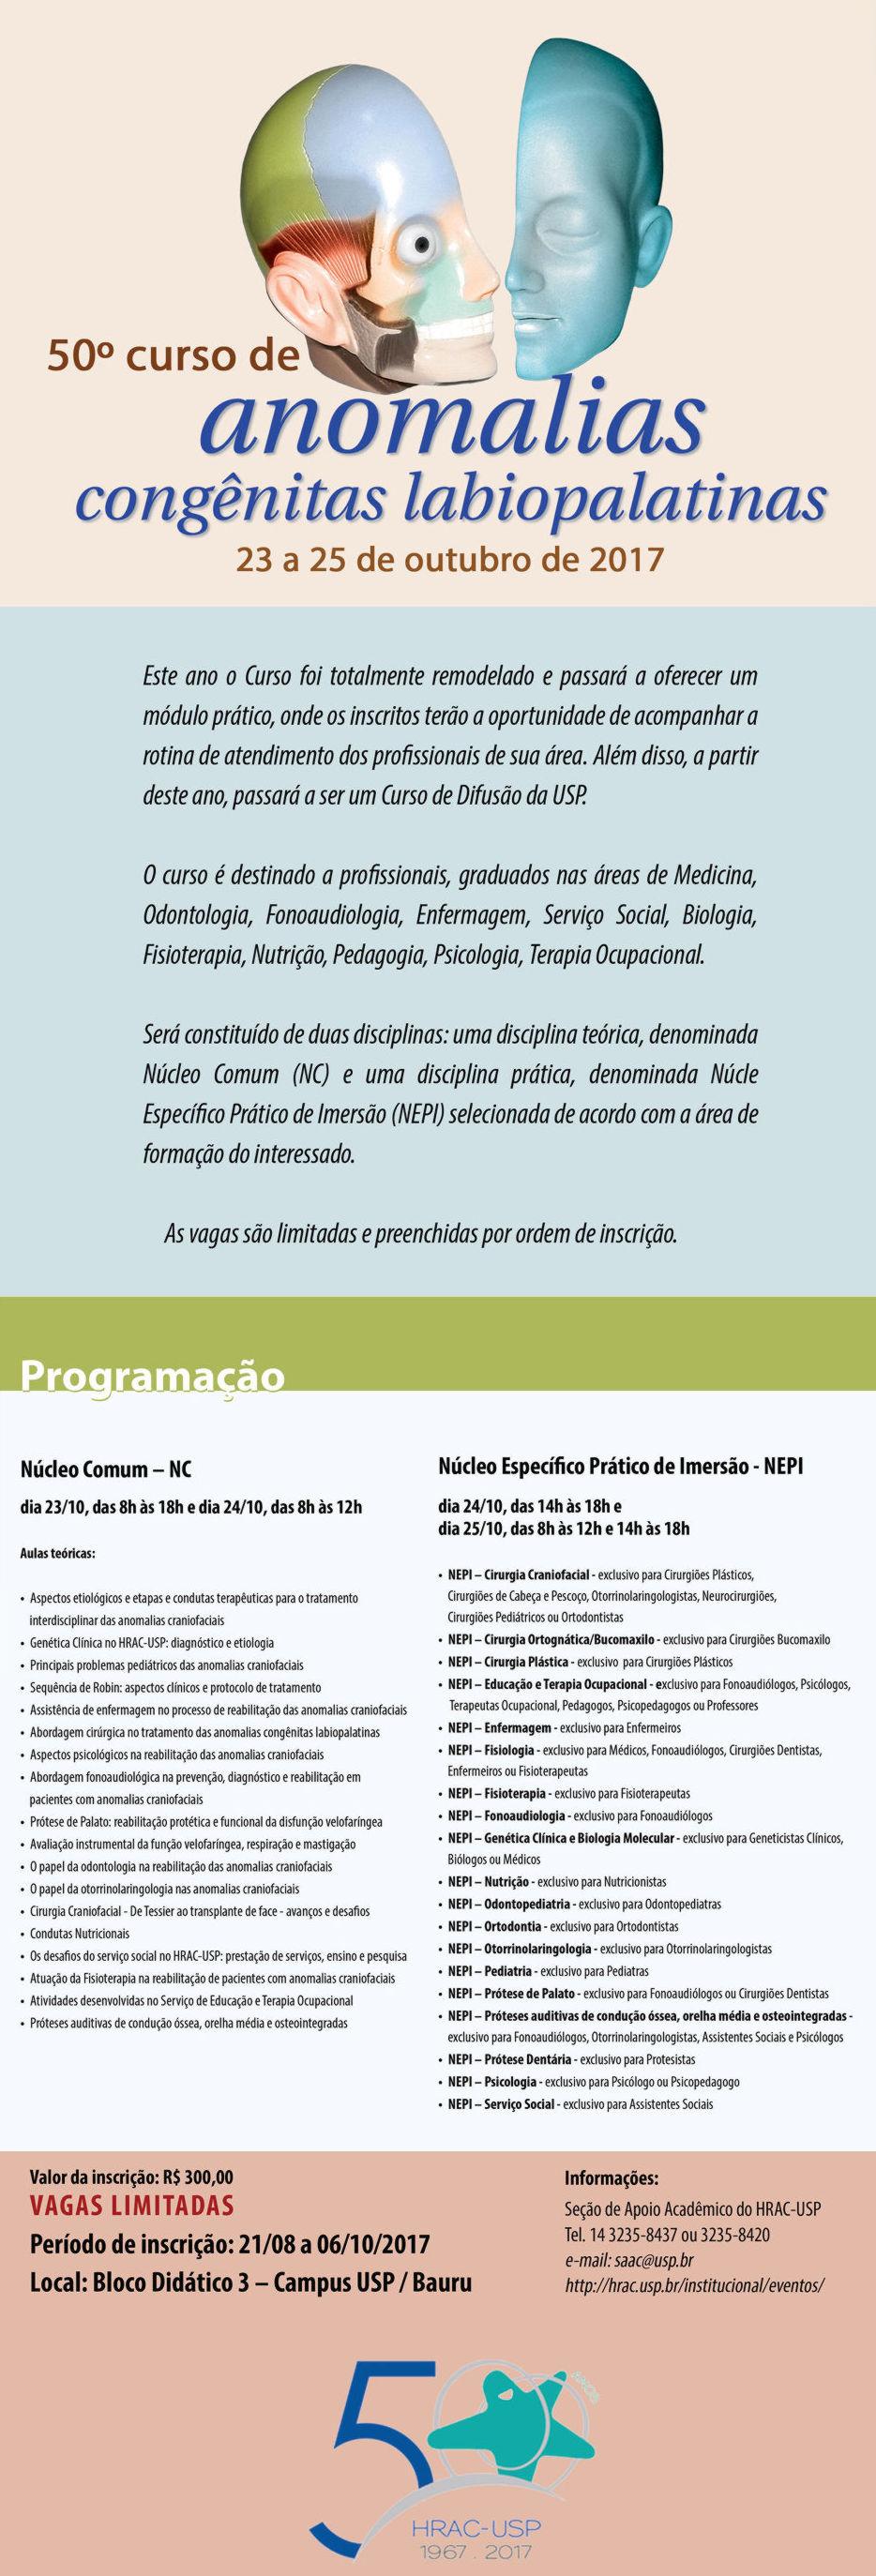 50º Curso de Anomalias Congênitas Labiopalatinas HRAC-USP - de 23 a 25 de outubro de 2017 - Campus USP Bauru